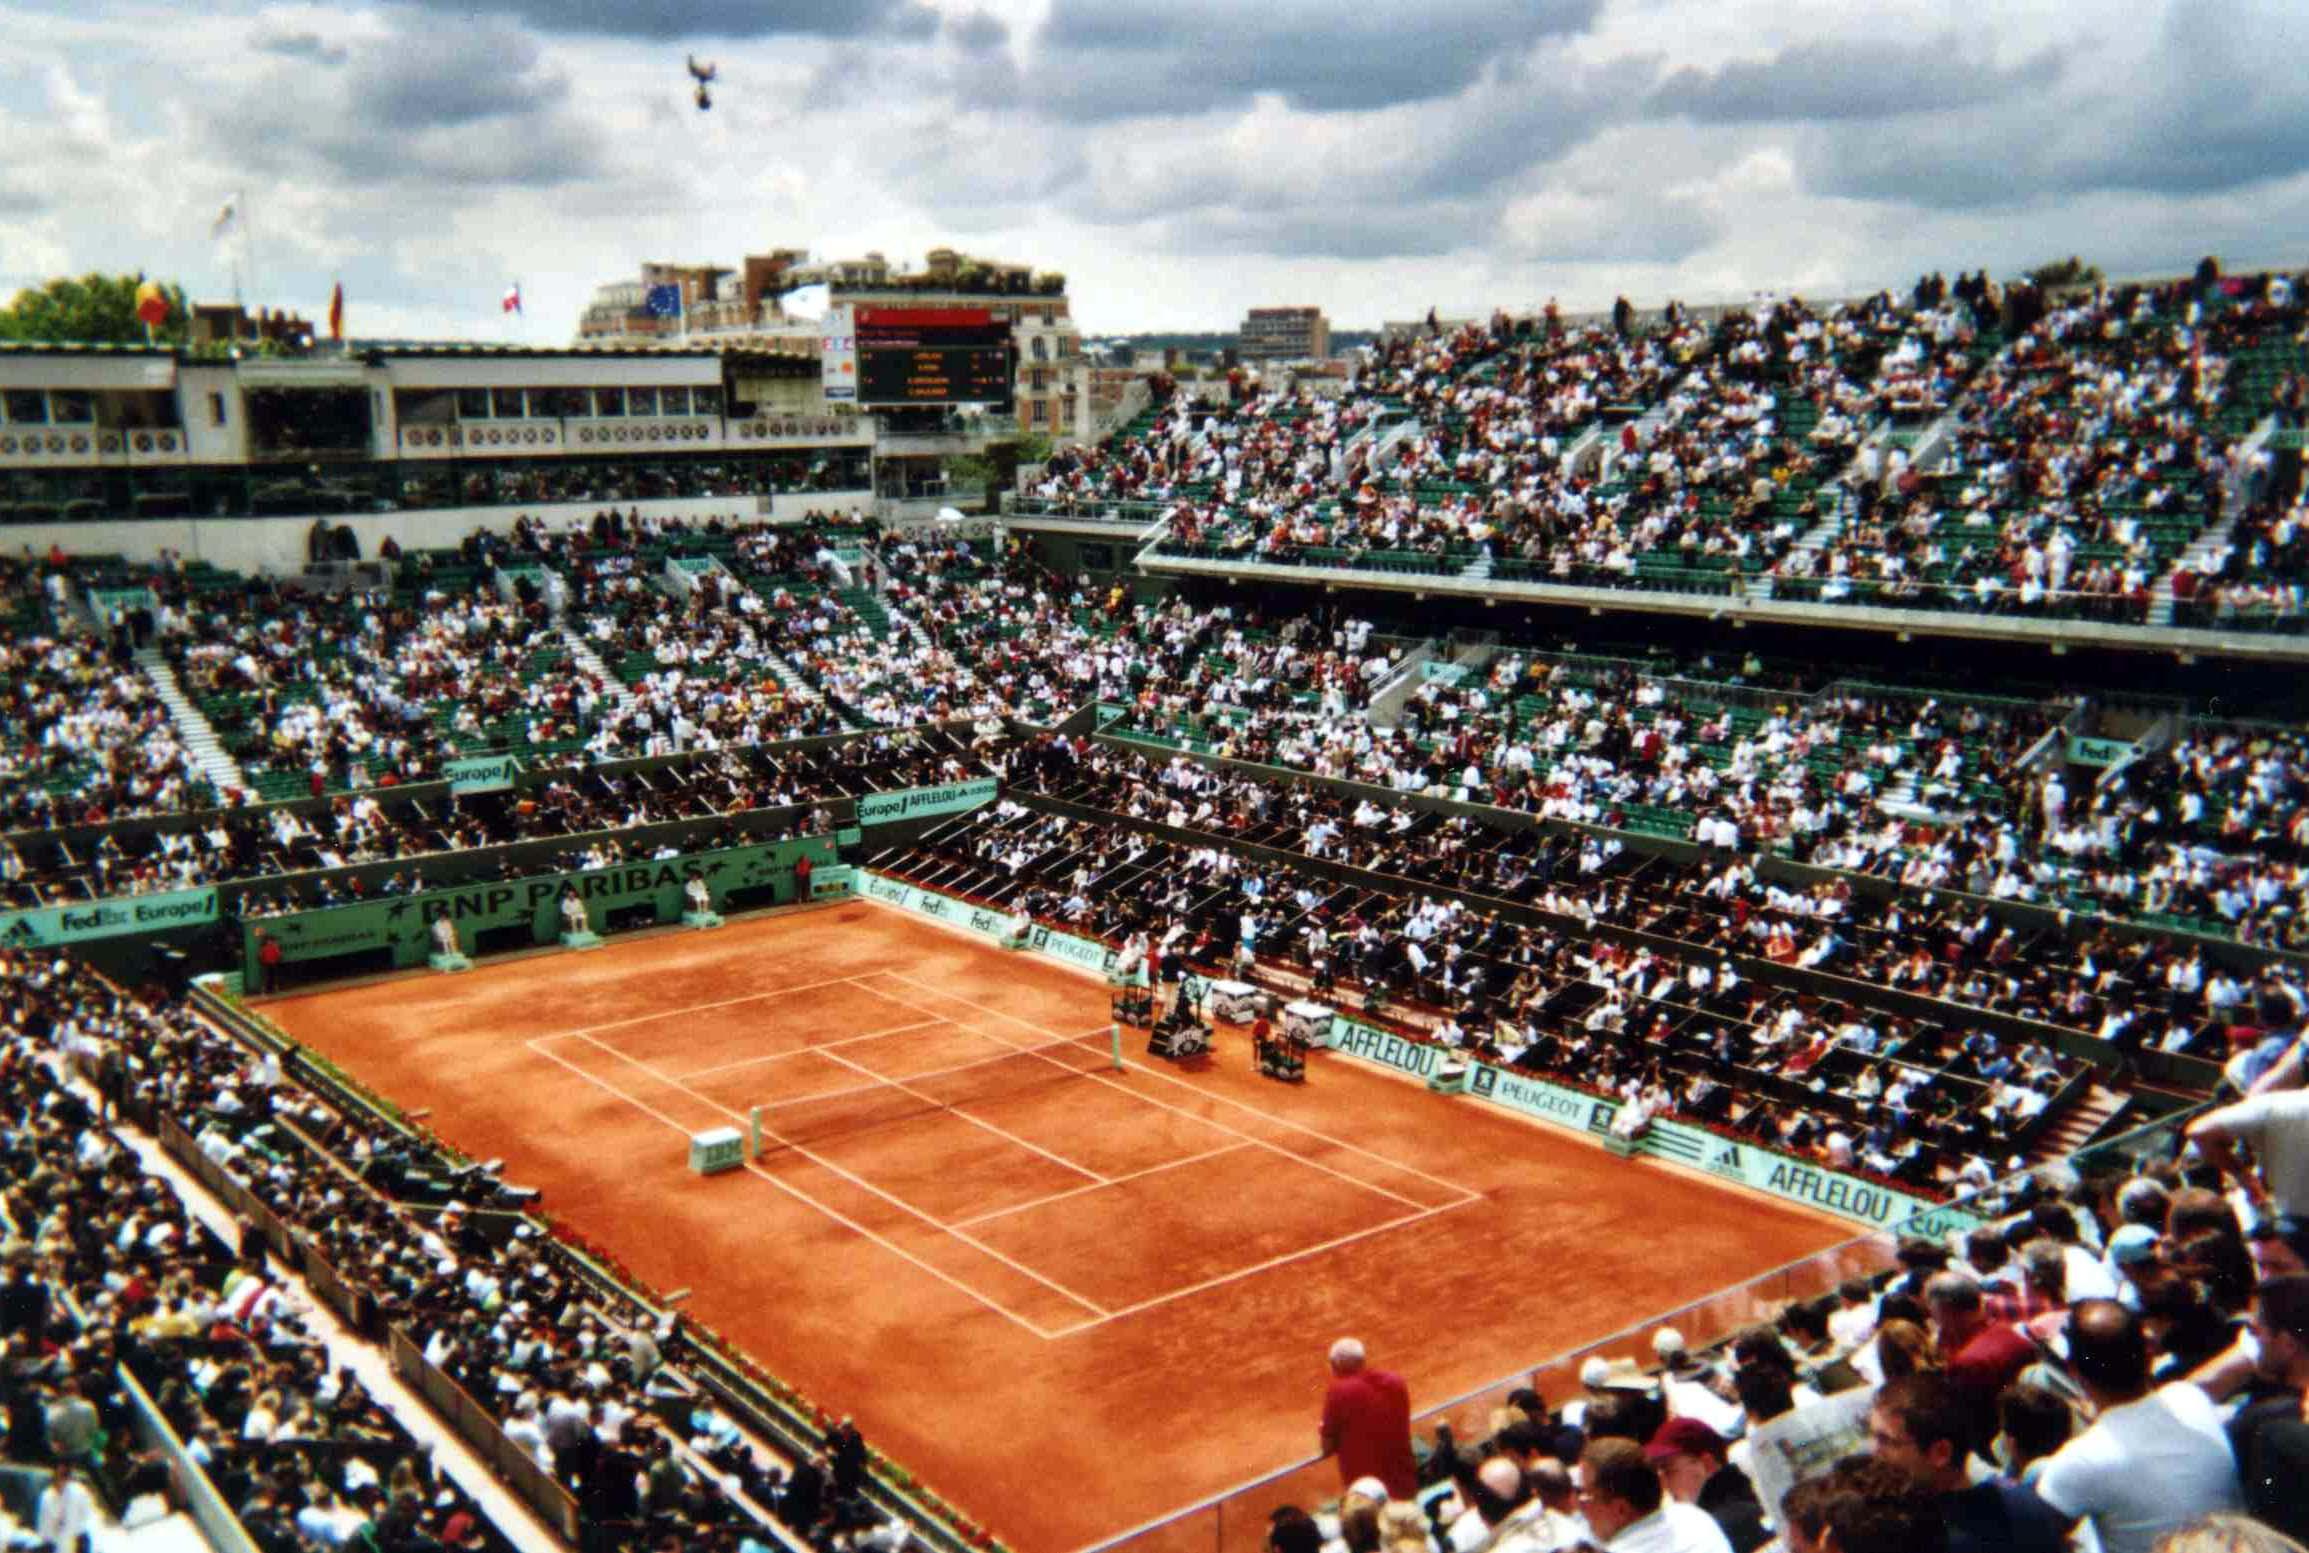 Roland Garros reembolsa ingressos de maio e junho